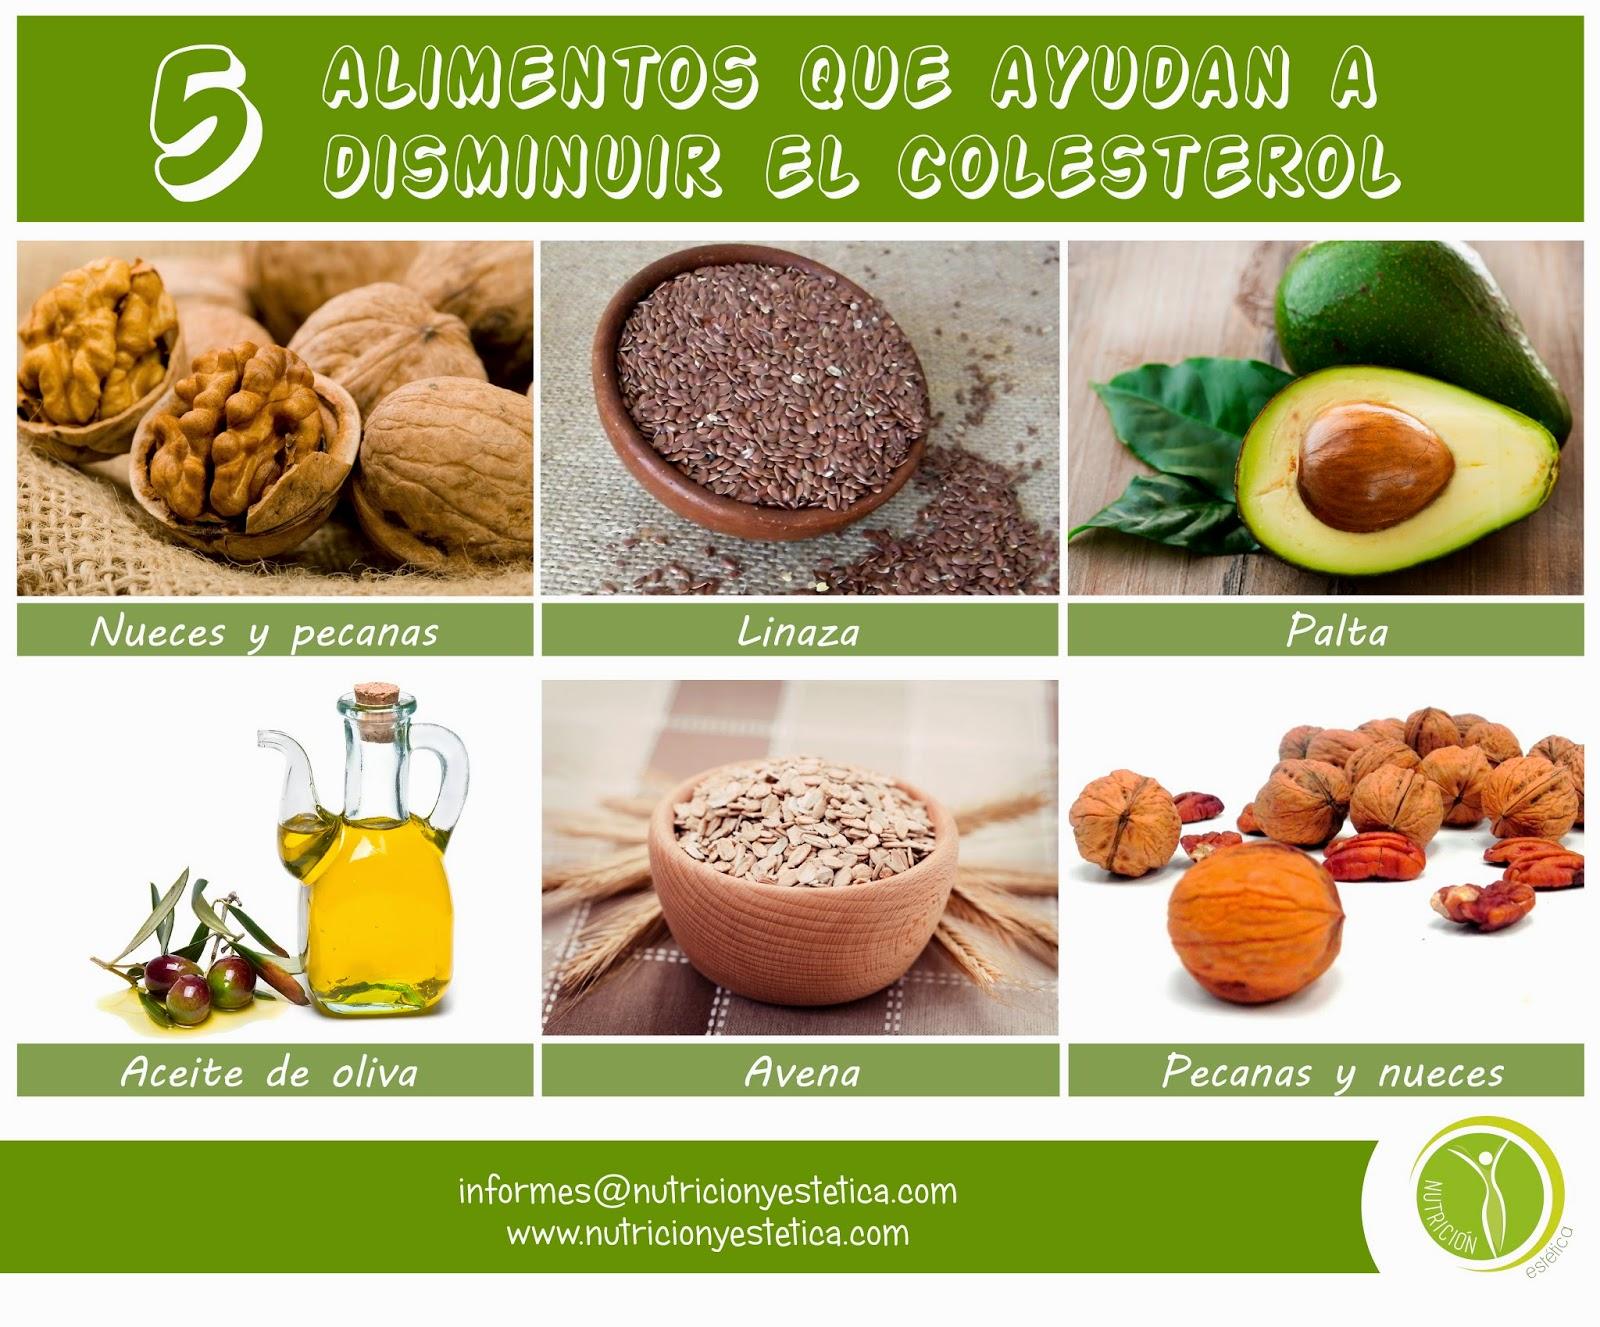 Nutricion estetica 5 alimentos que ayudan a disminuir el colesterol nutricionista lima - Alimentos que provocan colesterol ...